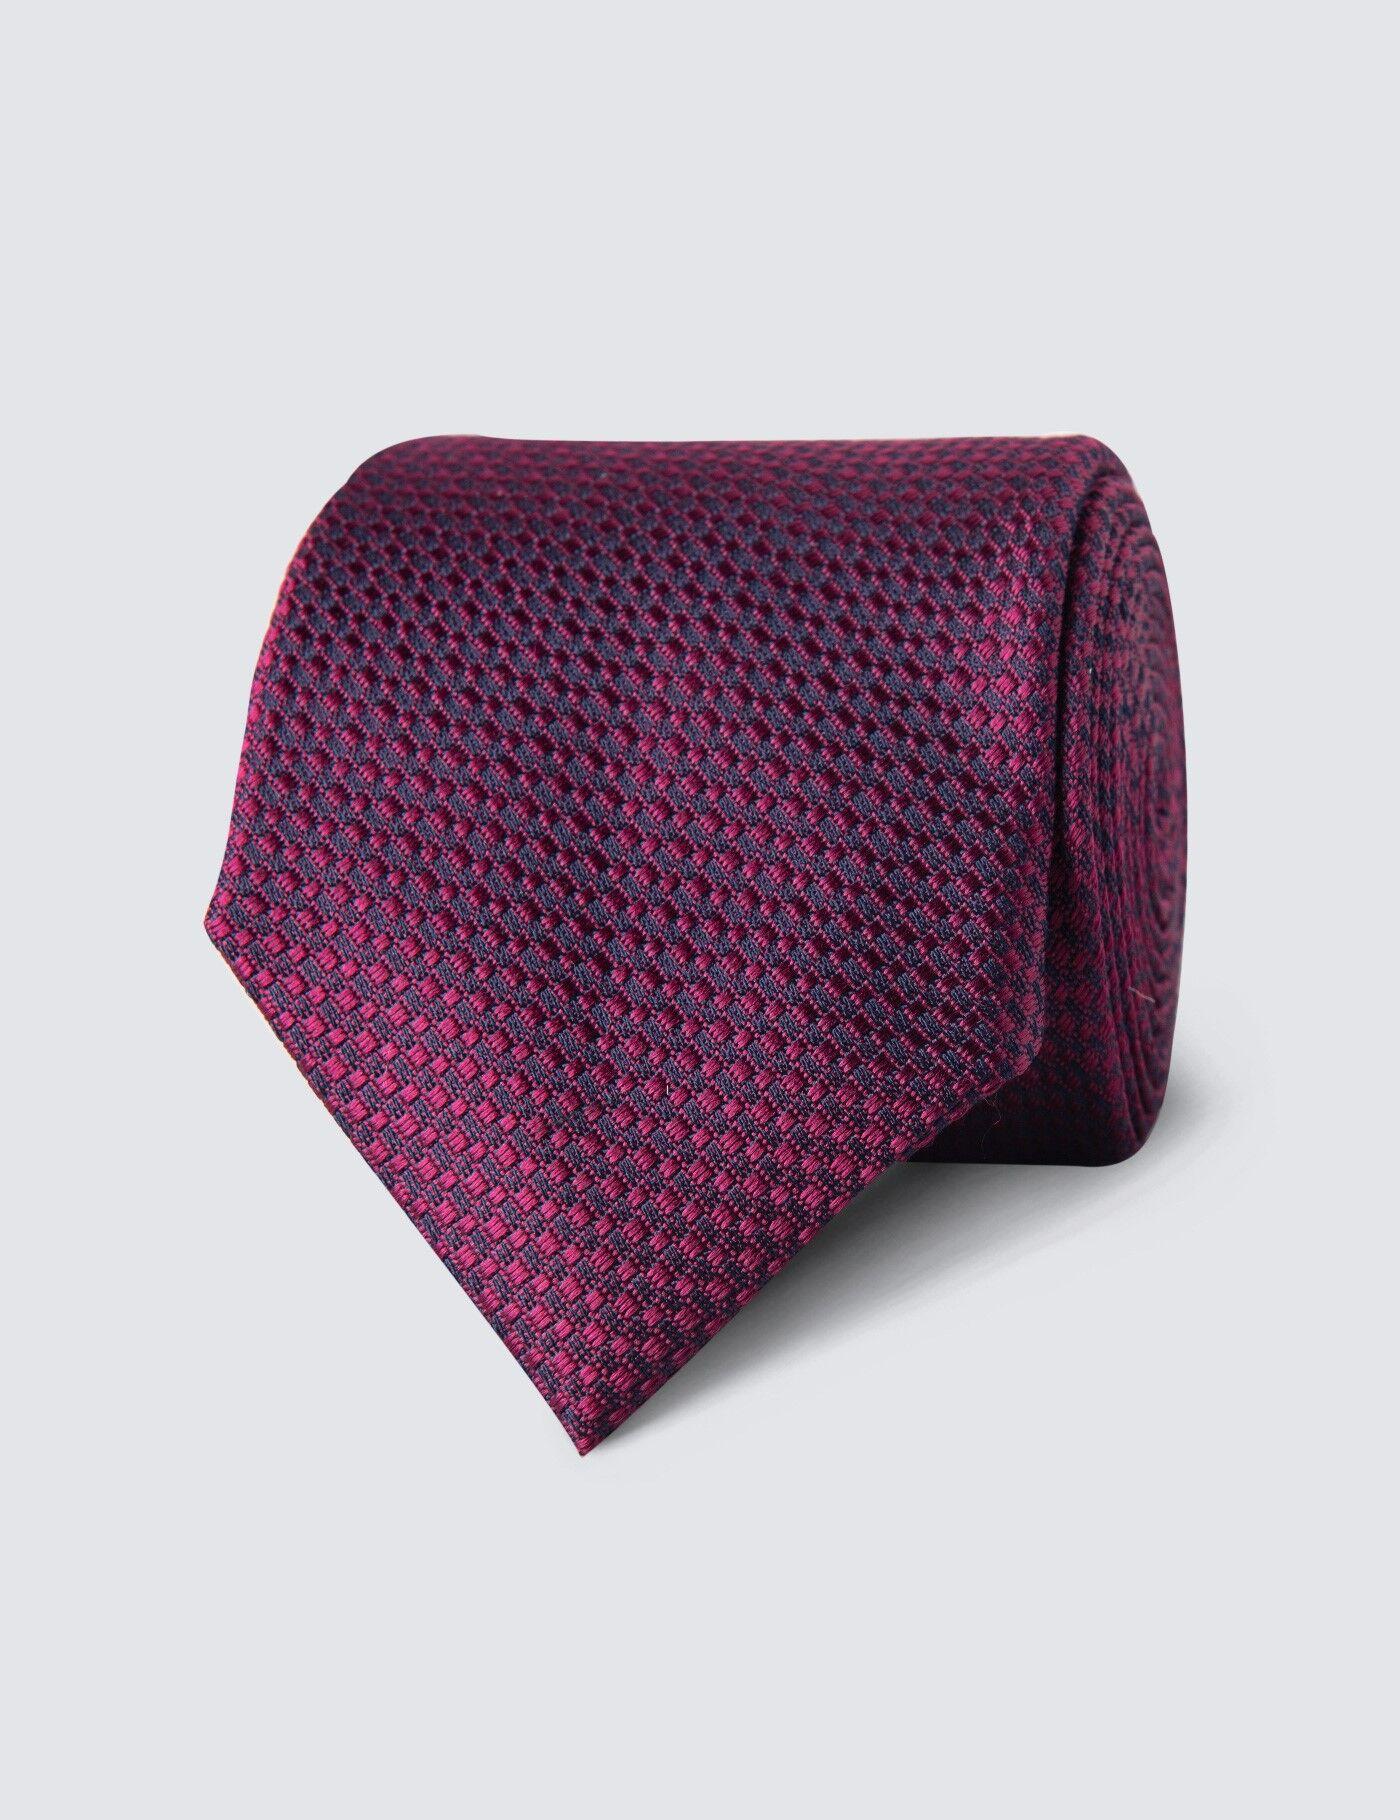 Hawes & Curtis Men's Textured Plain Tie in Magenta 100% Silk Hawes & Curtis